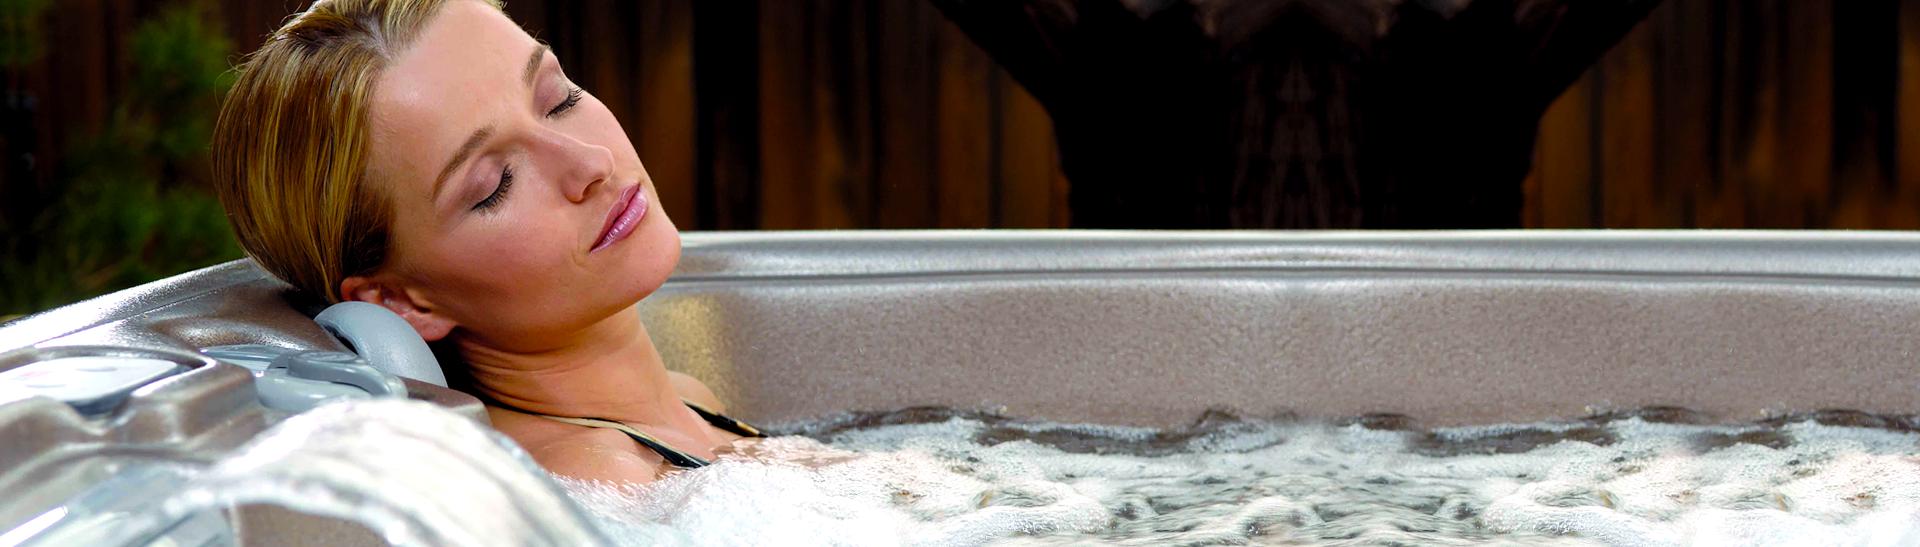 fiberglass spa repair